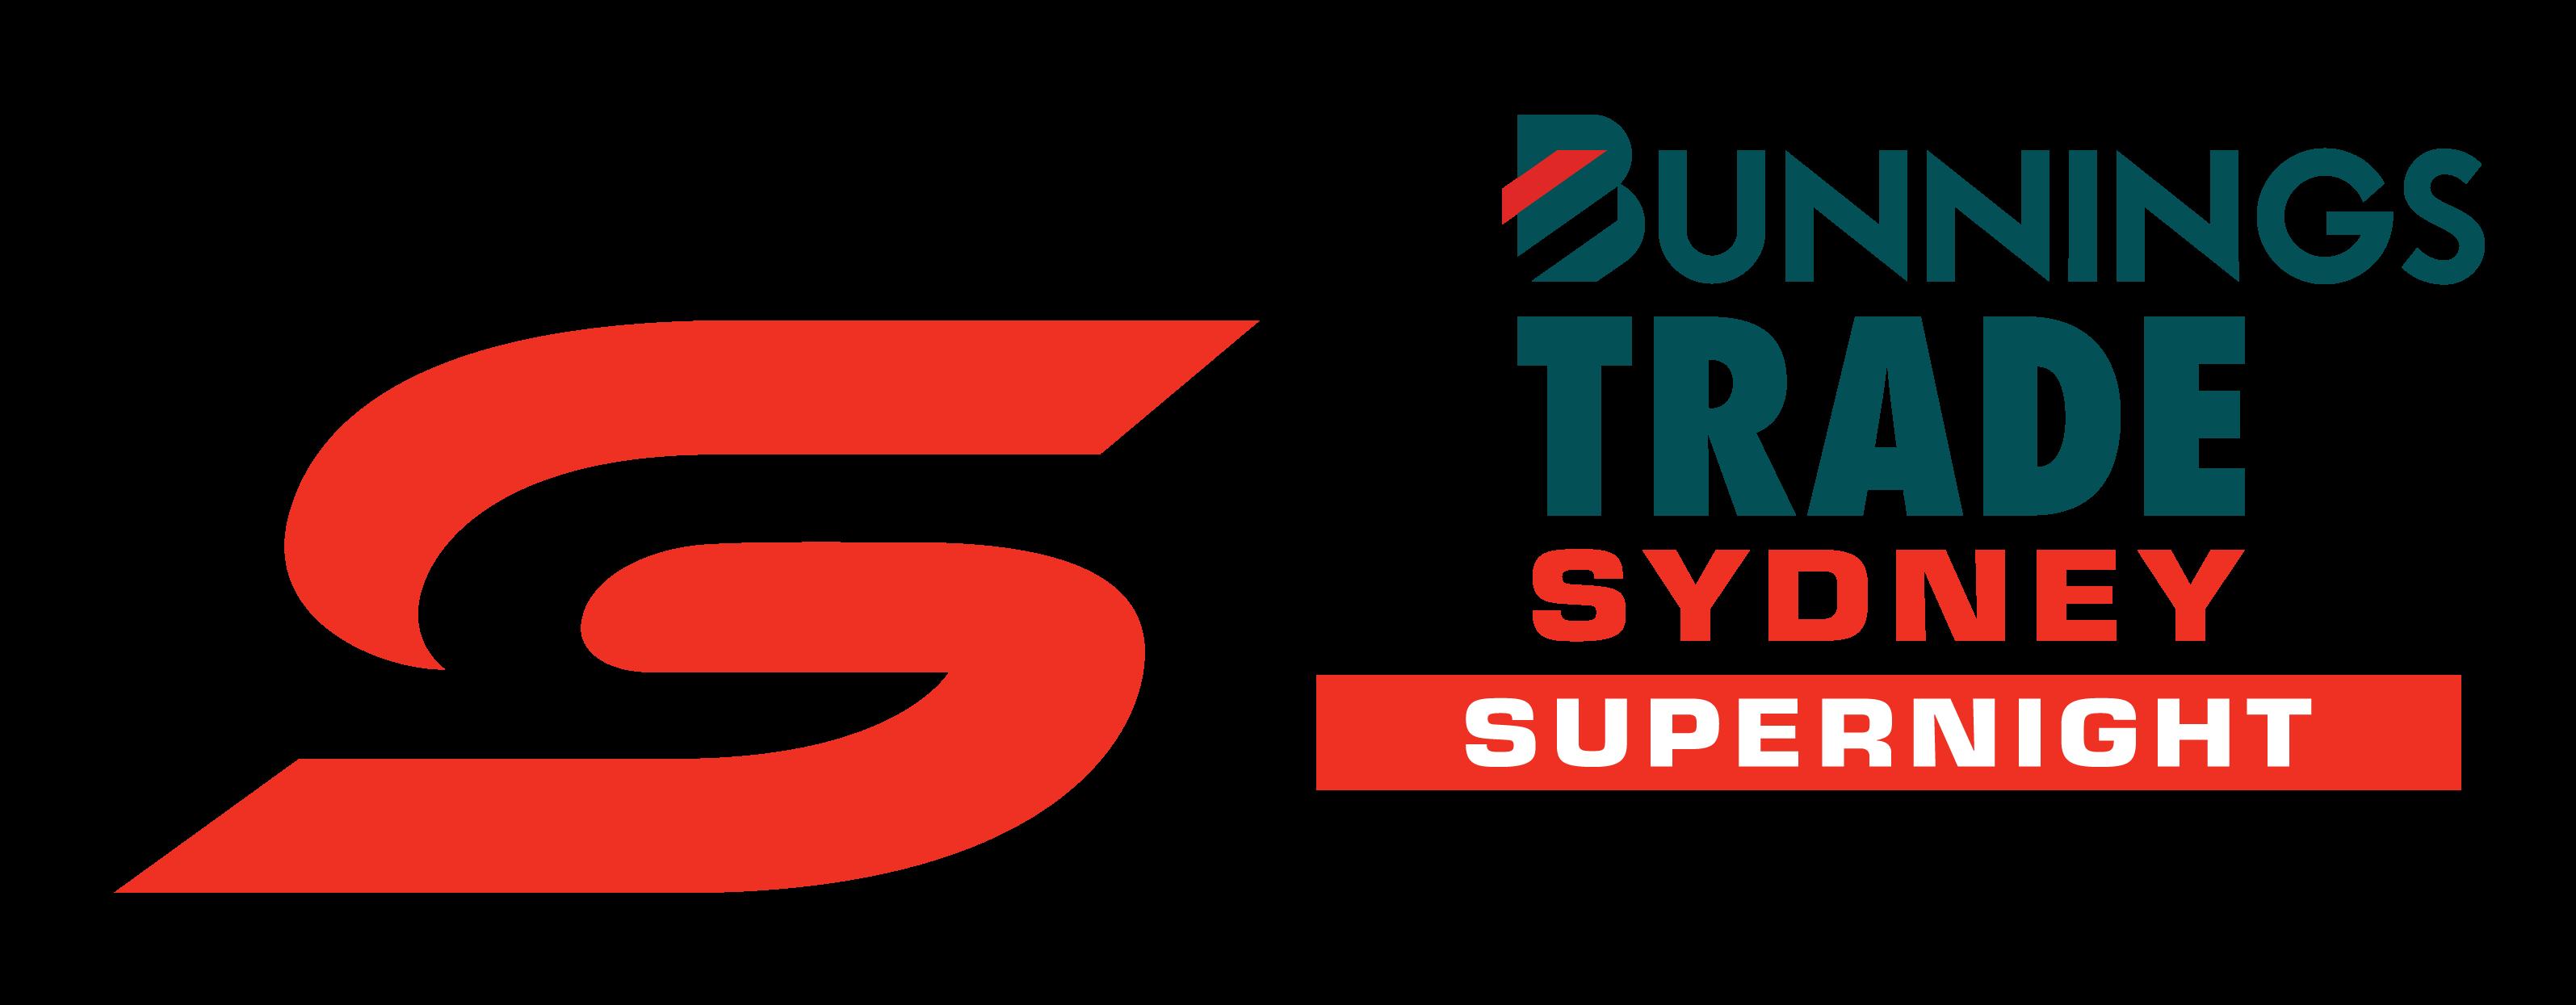 V8 Supercars - Bunnings Trade Sydney SuperNight logo